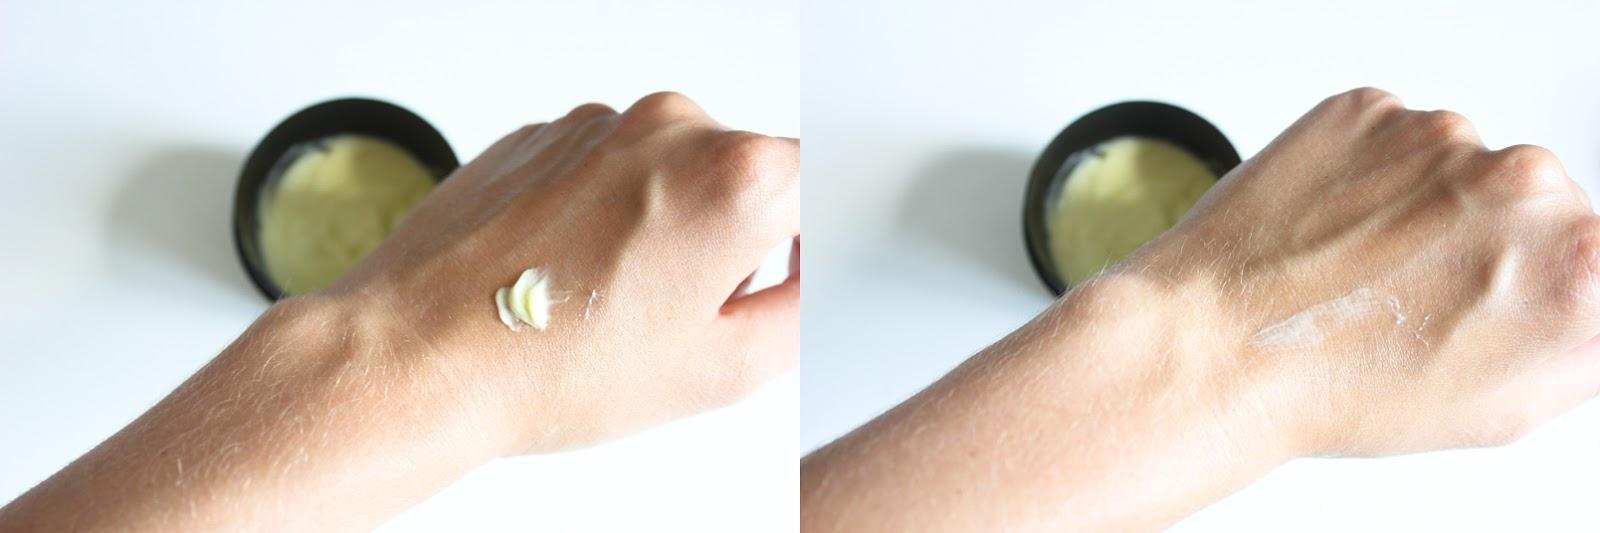 recette creme visage peau seche nourrissante protectrice naturelle fait maison